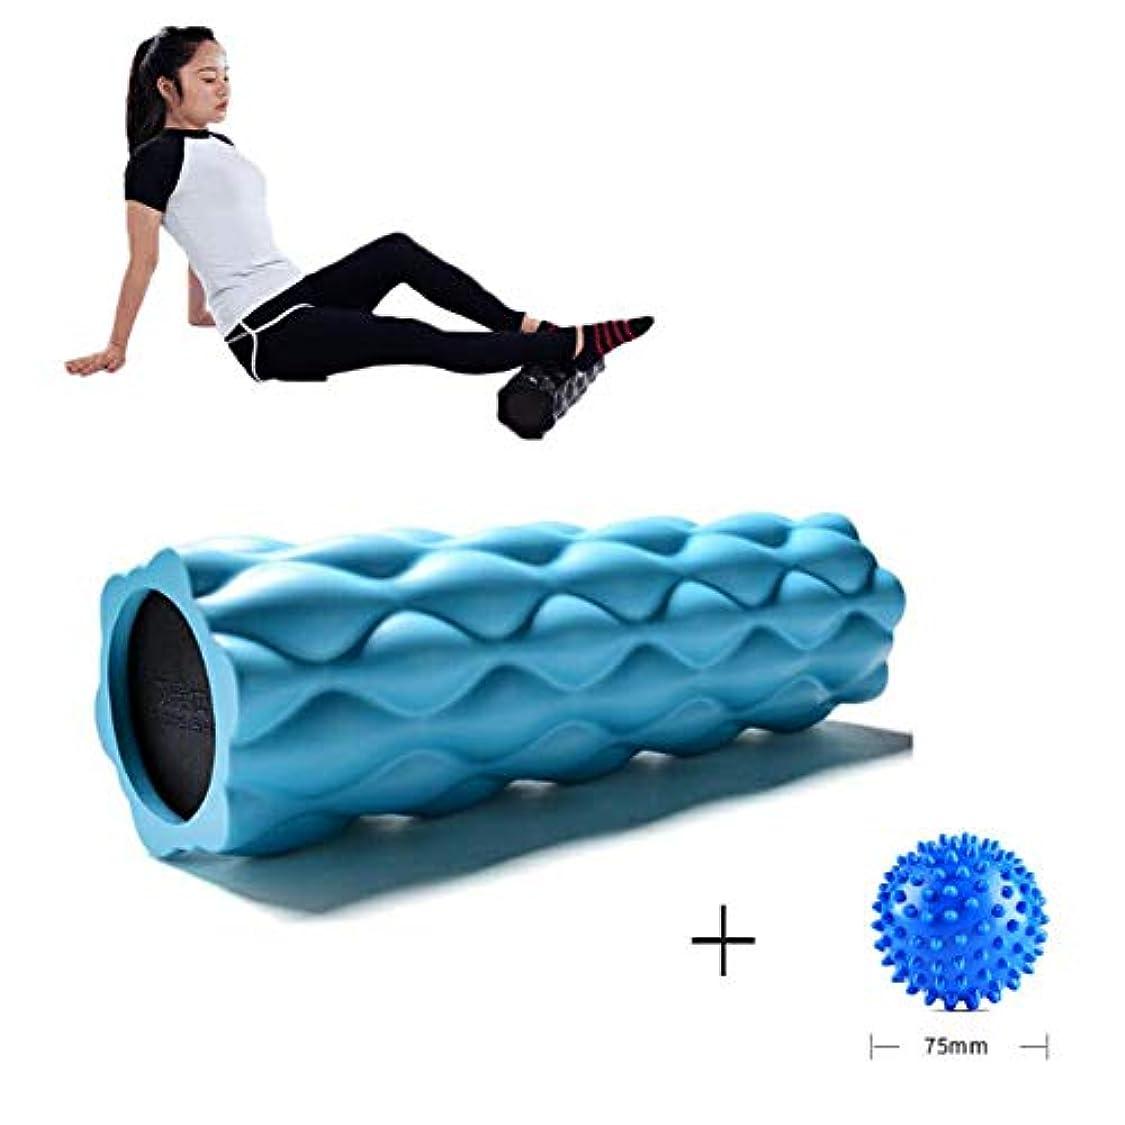 りシュートミュージカルフォームローラー 深部組織筋肉マッサージトリガーポイント解放(44.5 x 13.5 cm)のための高密度耐圧脊髄チャンネル,Blue